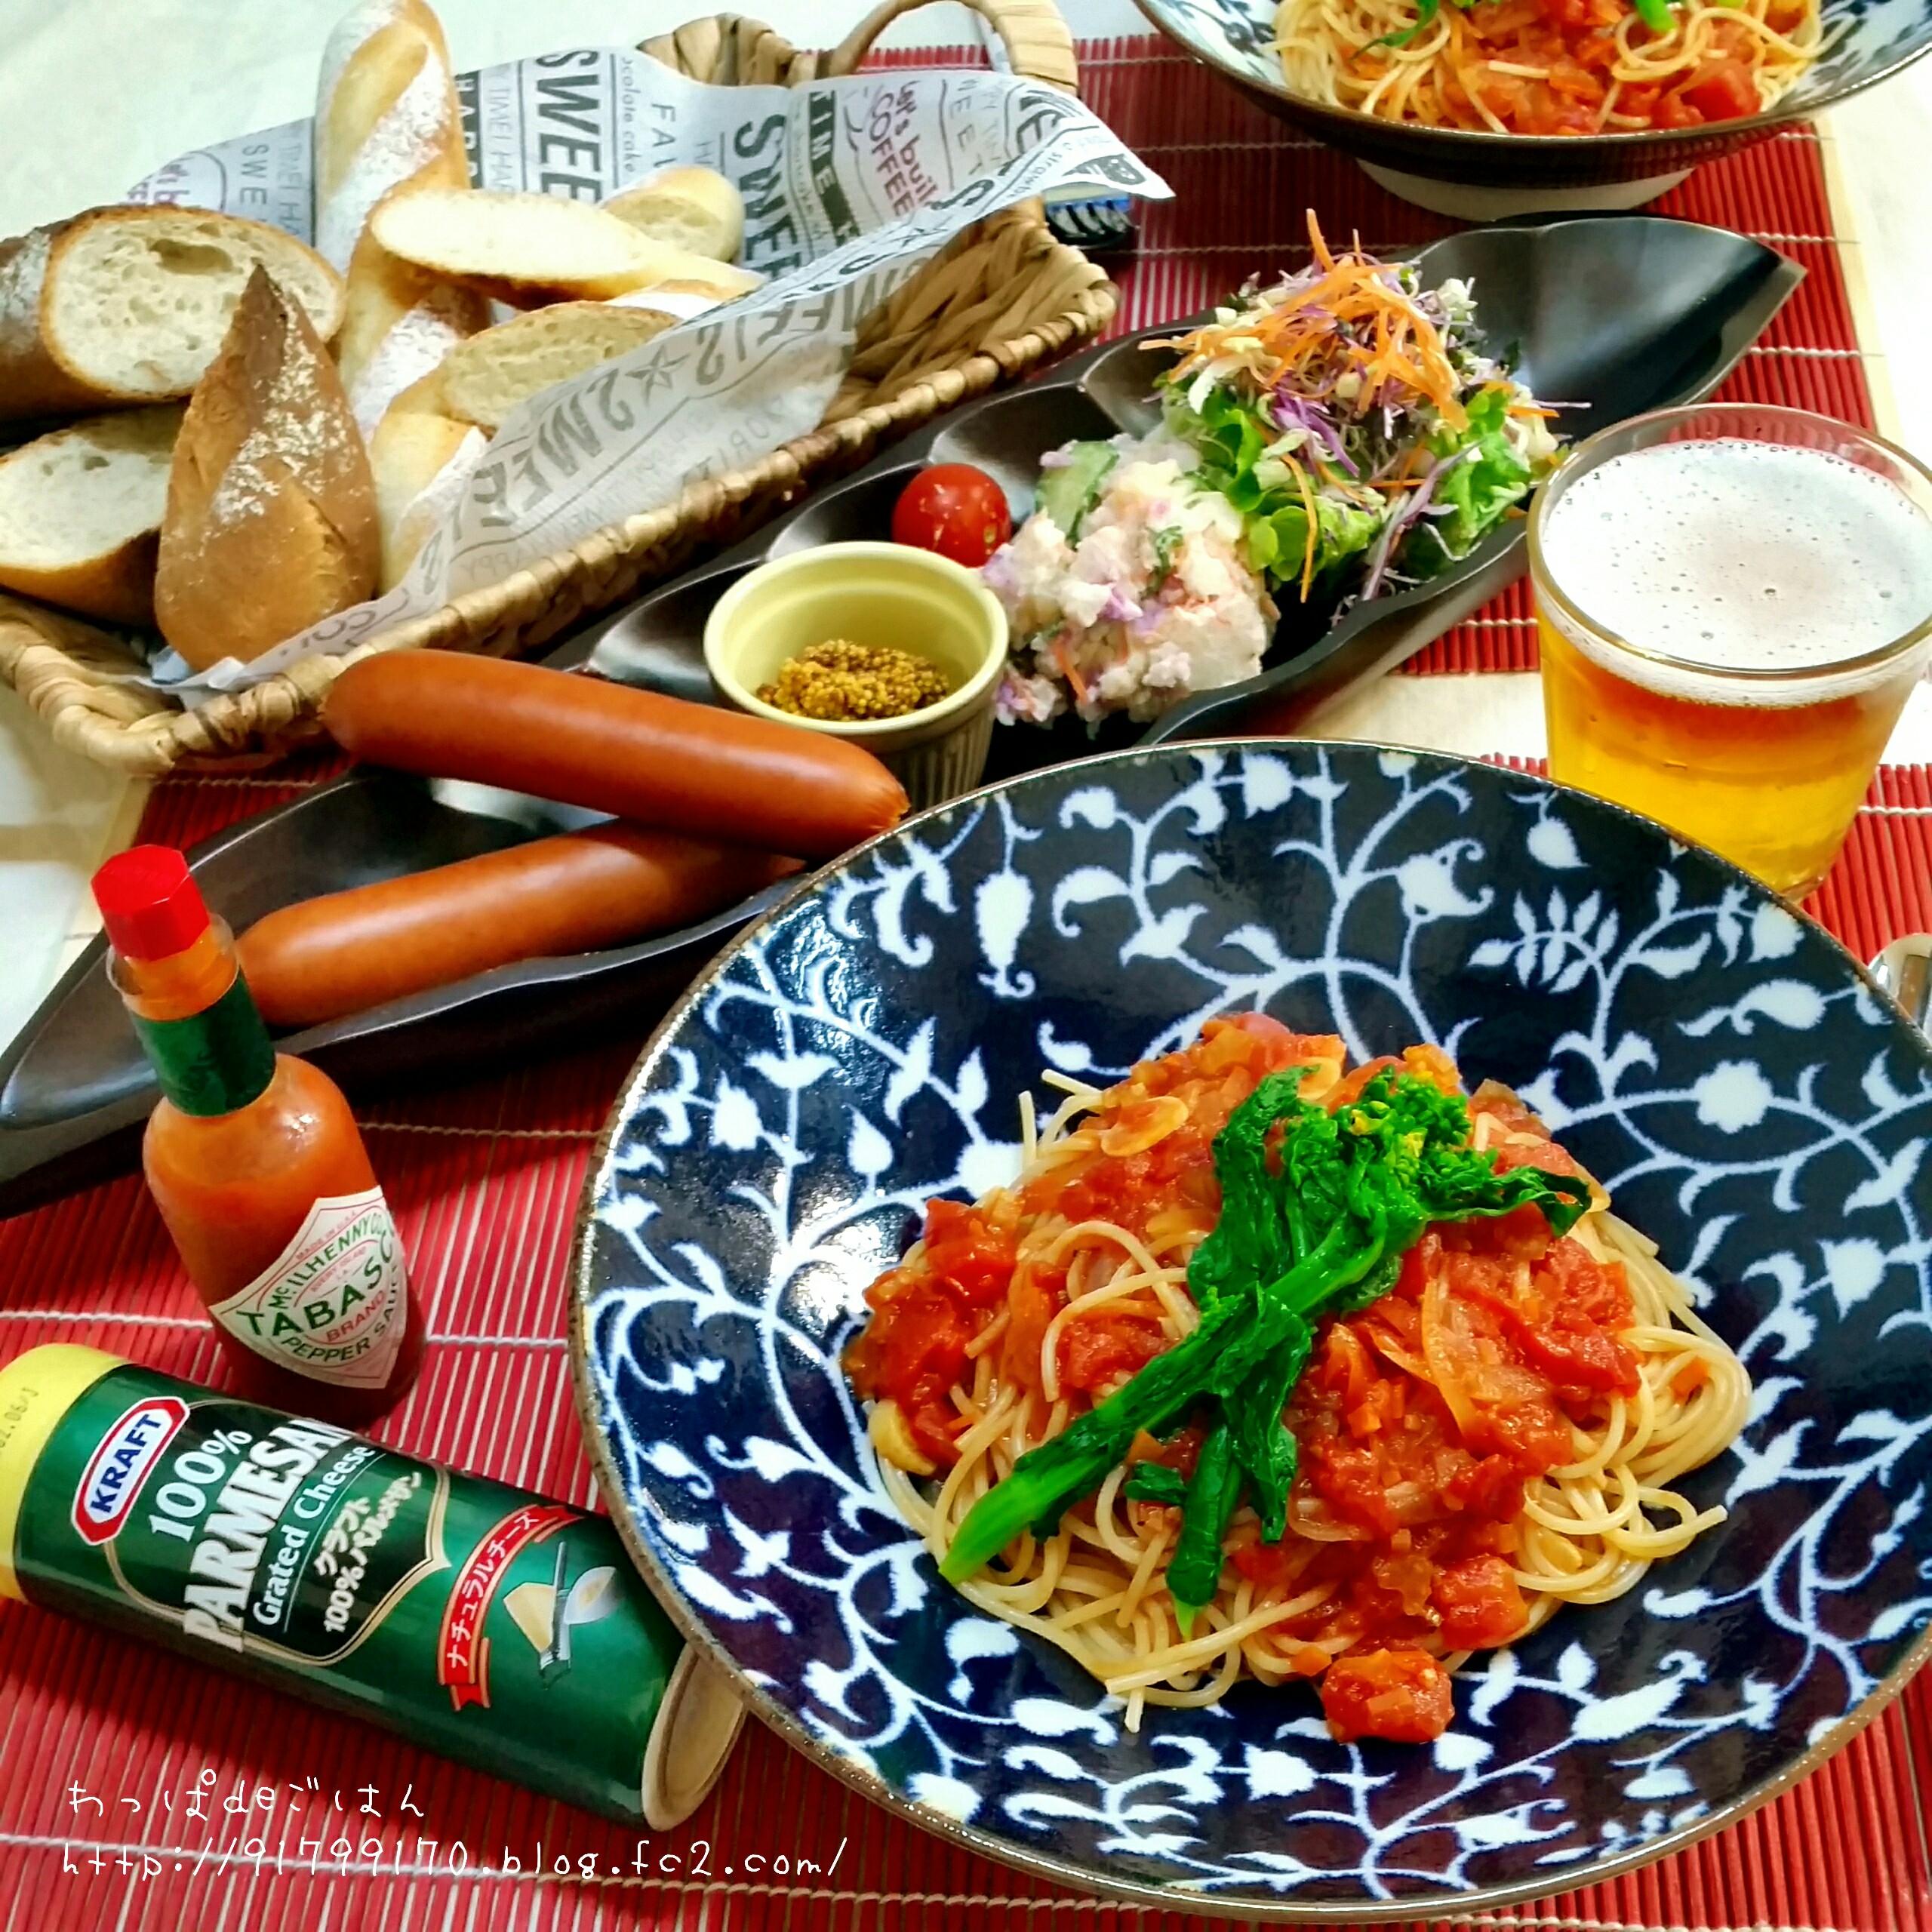 トマトソースパスタの晩ごはん